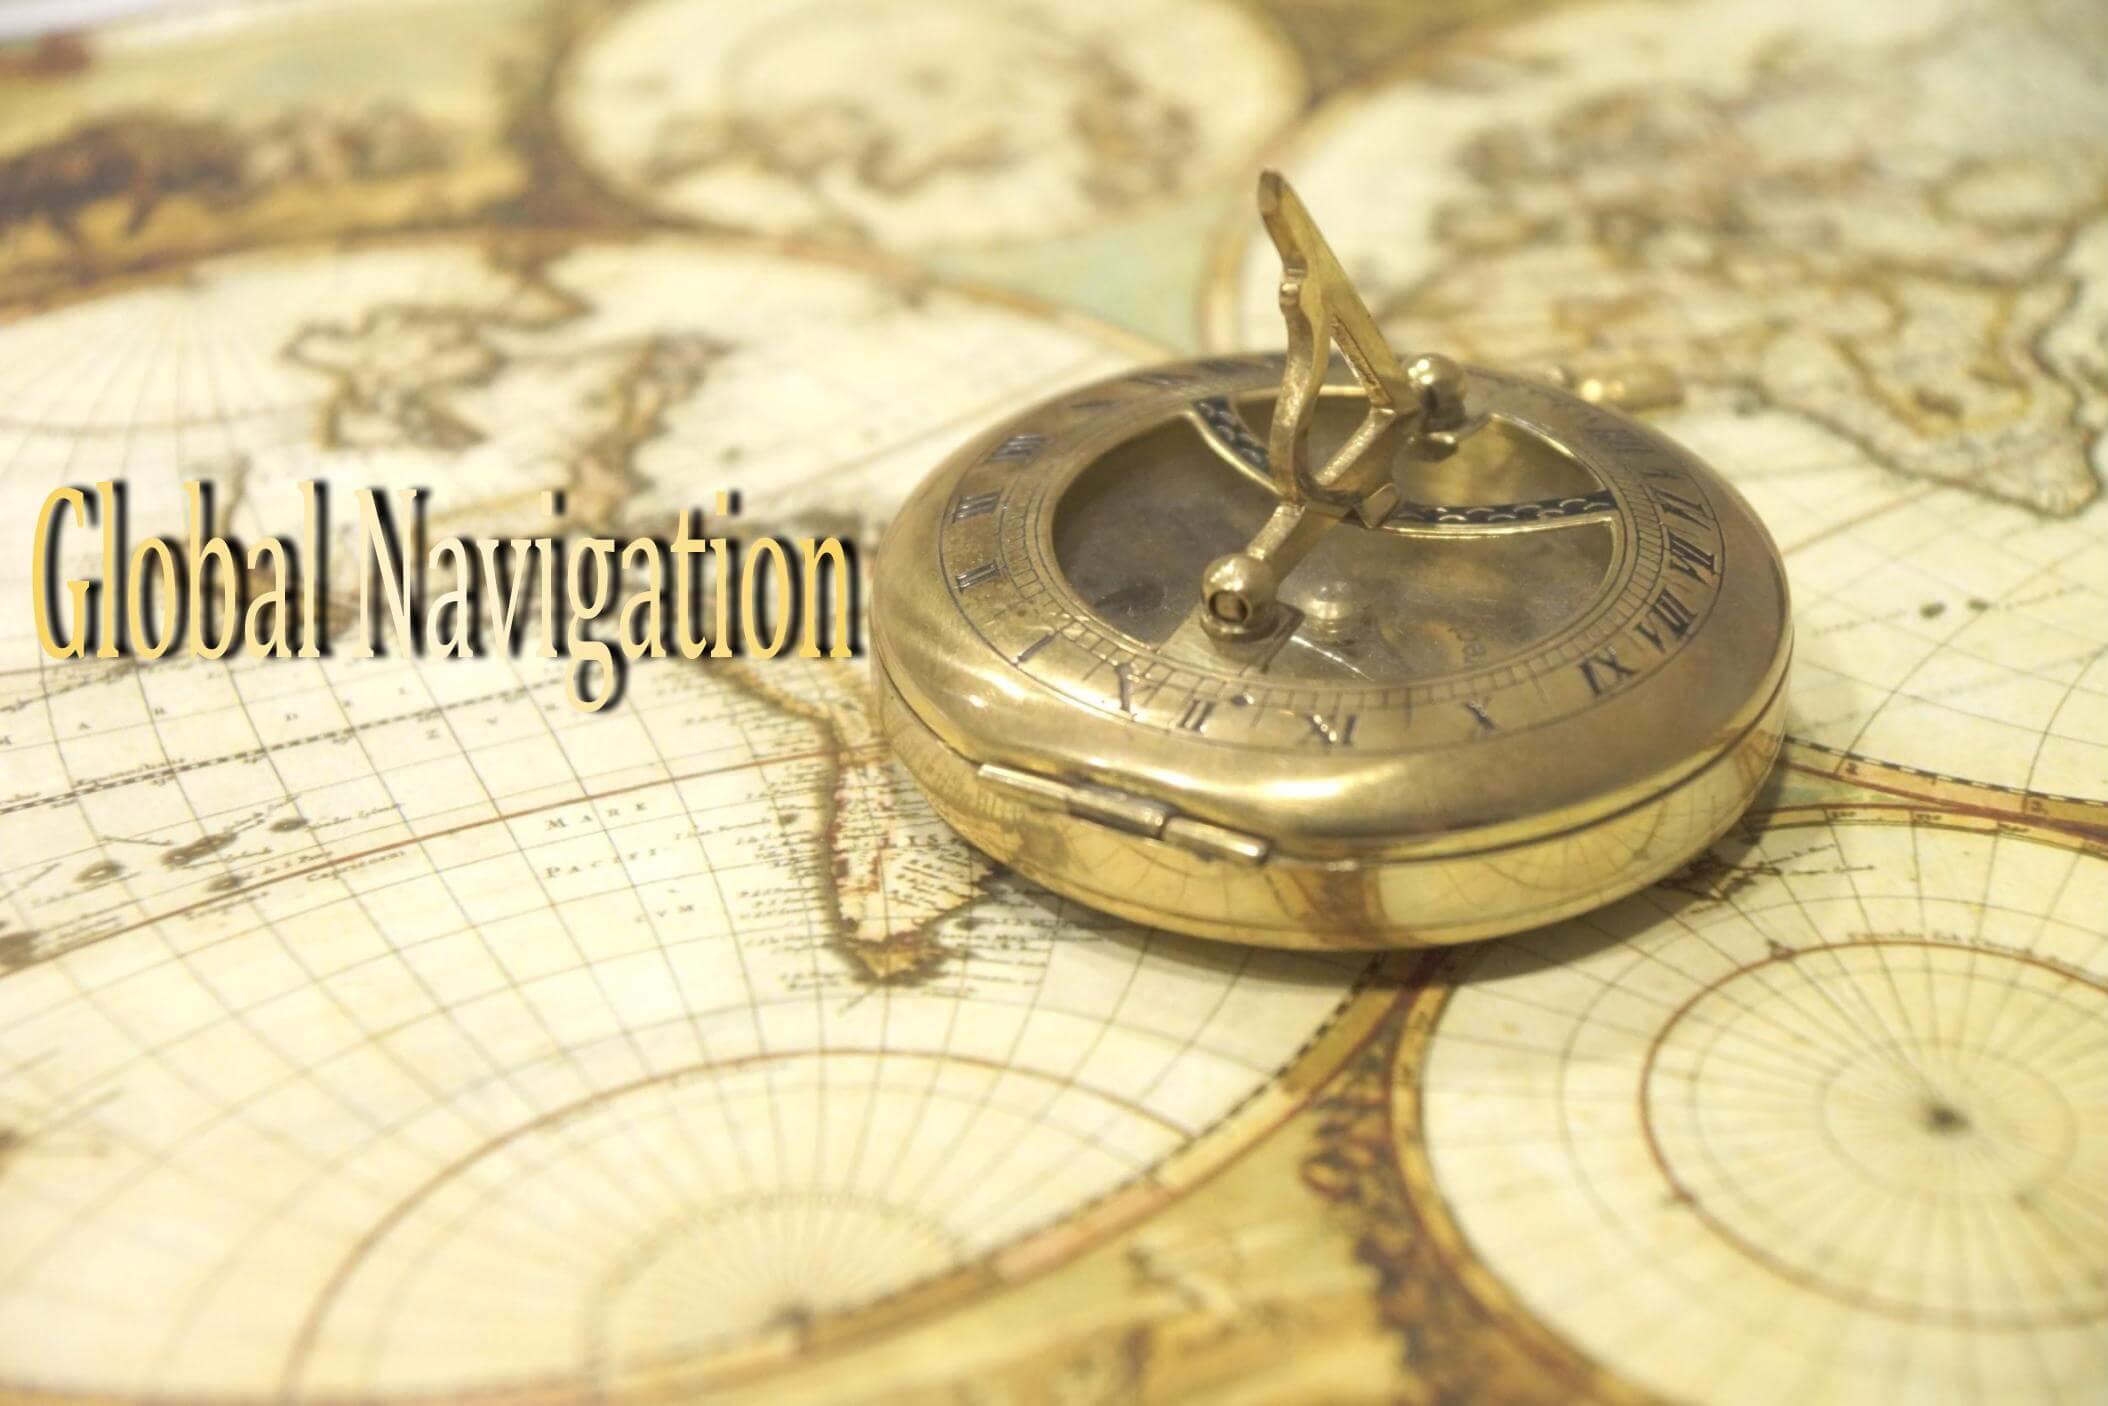 古地図に置かれたコンパス テキスト「Global Navigation」